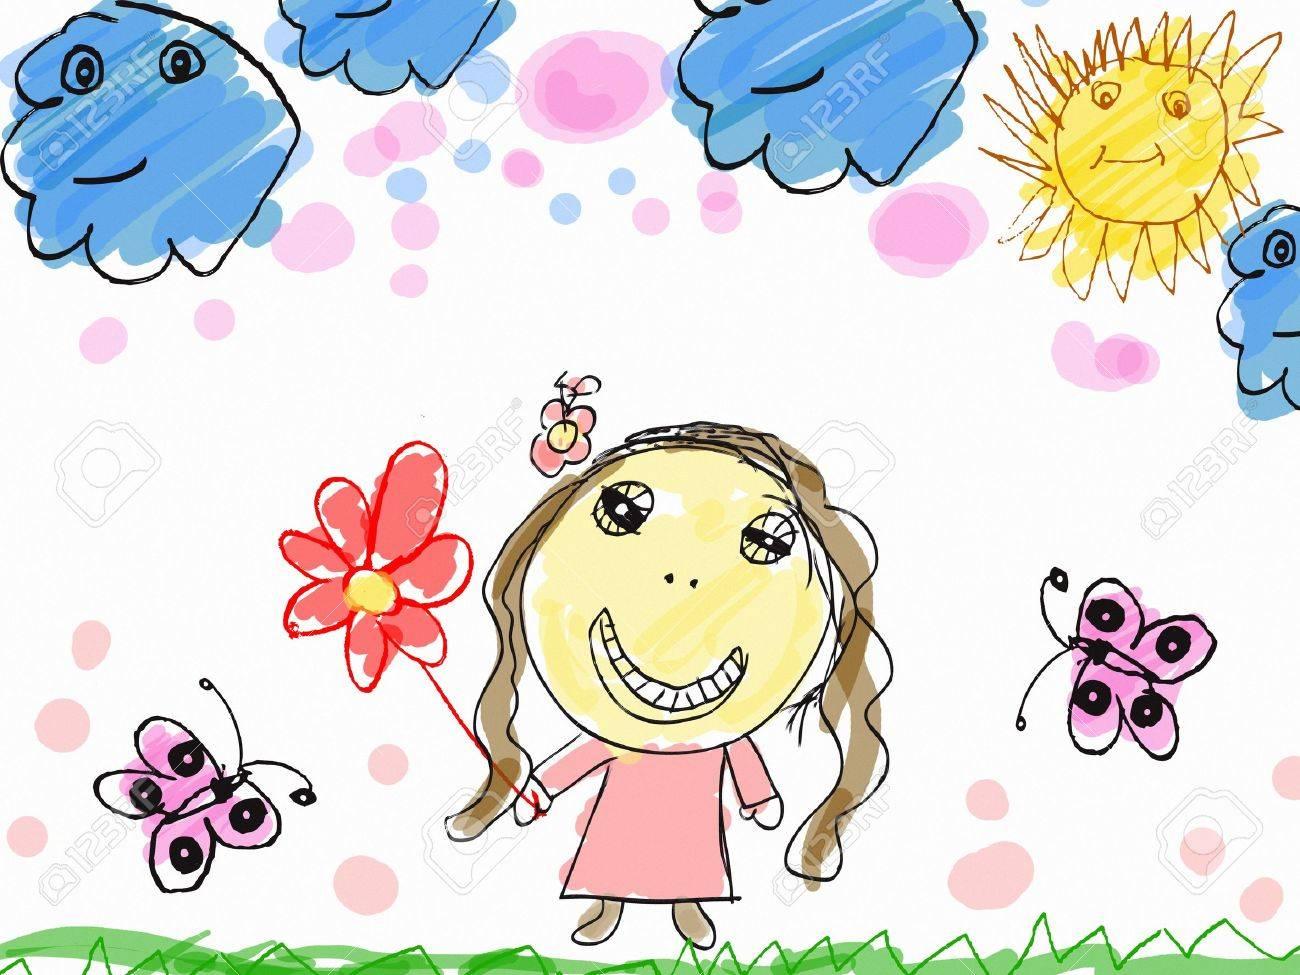 子の描画花イラスト幸せな女の子 の写真素材画像素材 Image 27906931